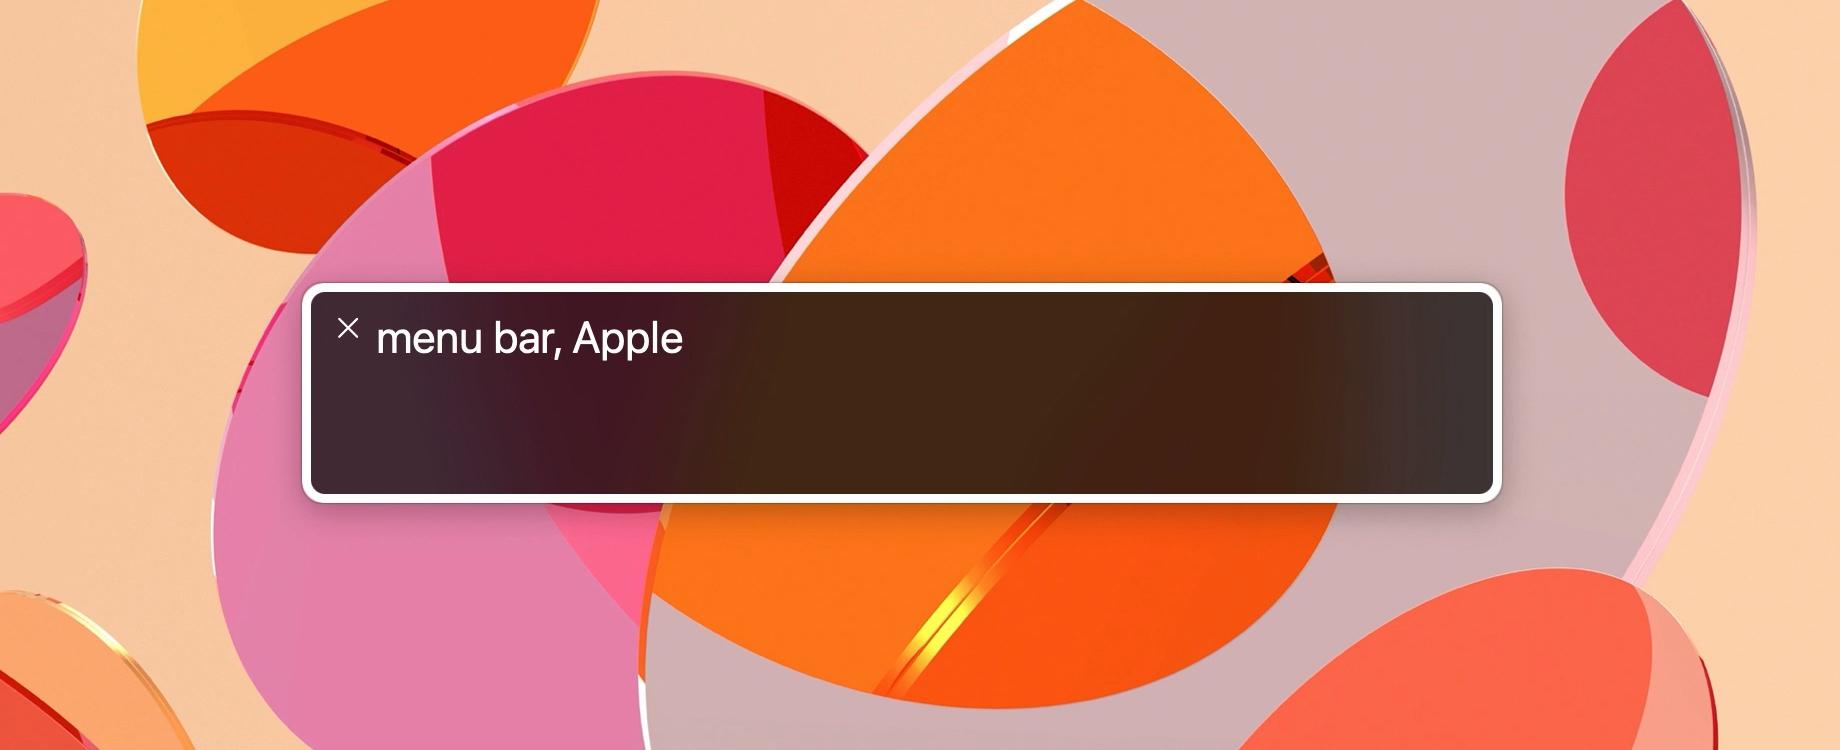 VoiceOver Mac menu bar